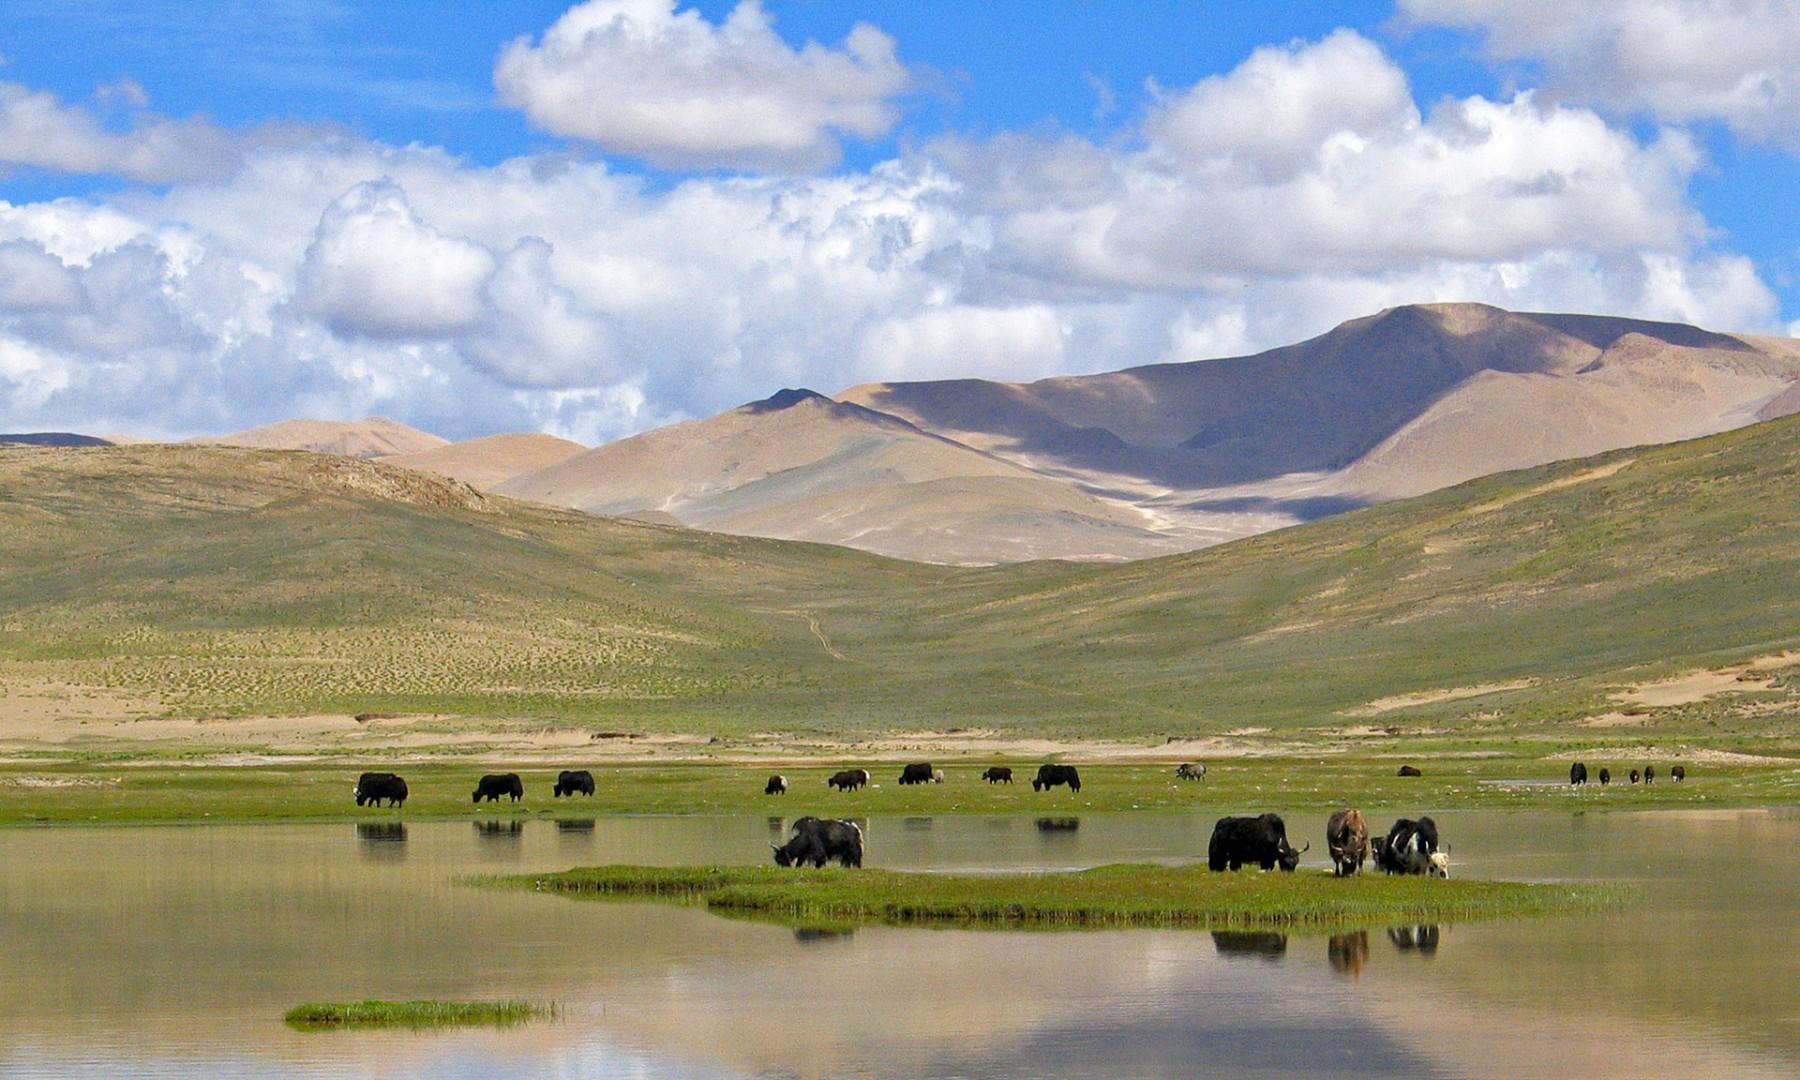 tibet_troupeau_de_yaks_sur_le_haut_plateau